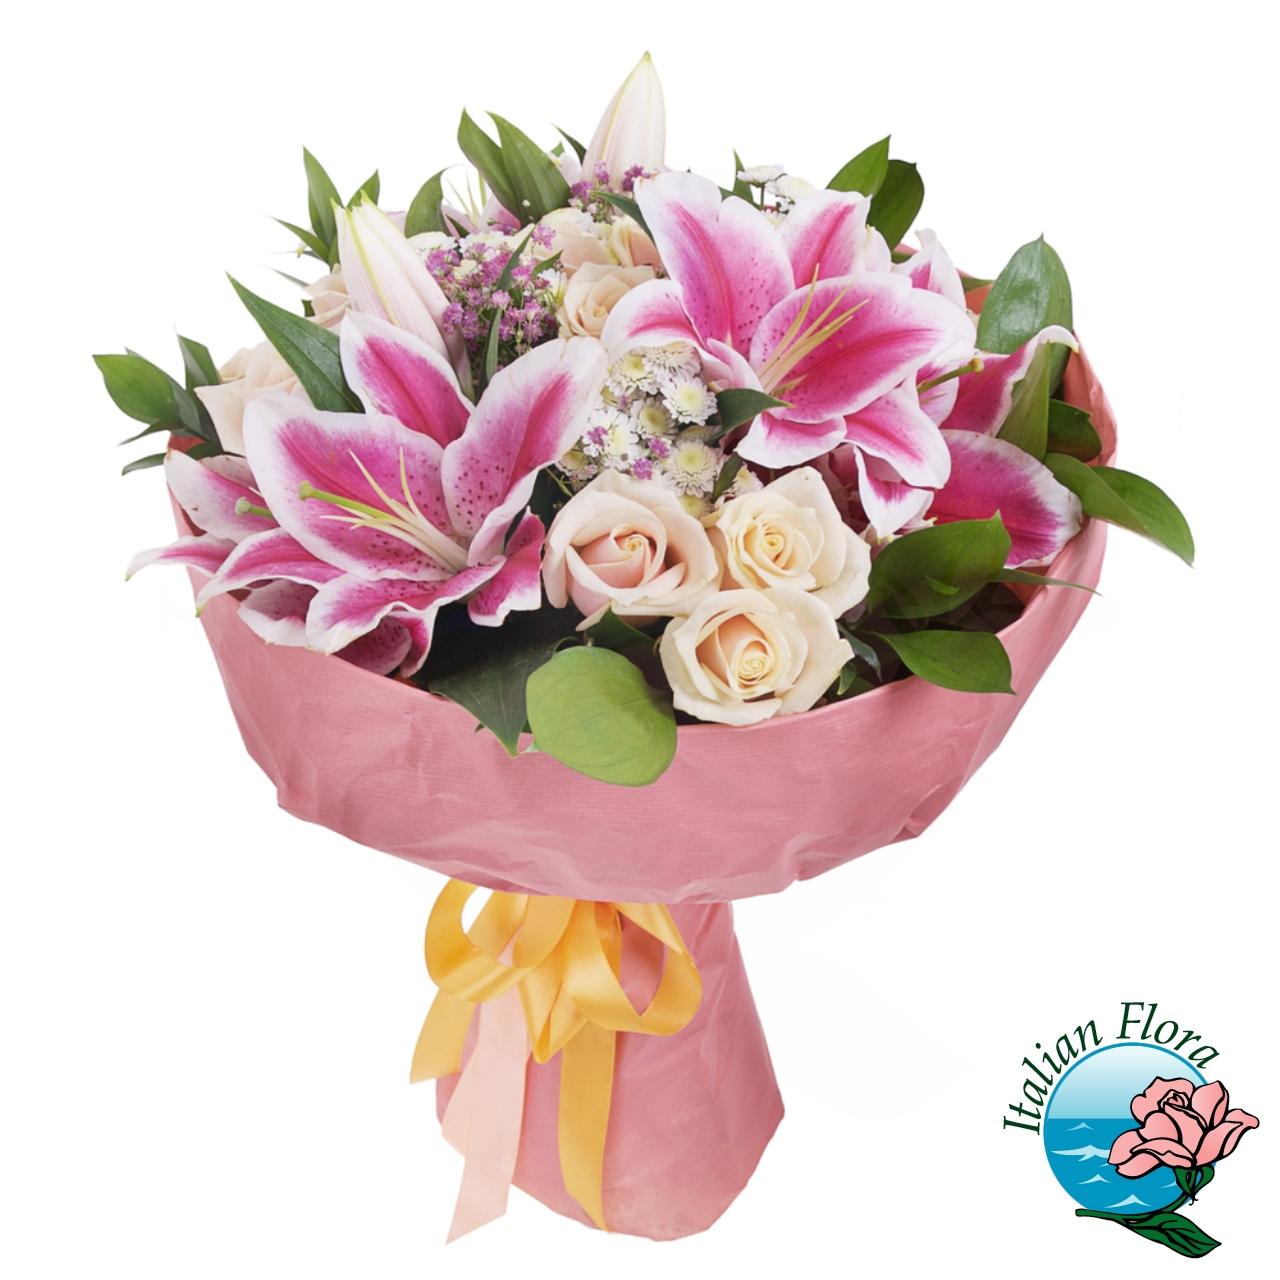 Mazzo Di Fiori Anniversario.Bouquet Di Fiori Per Anniversario Con Rose E Gigli